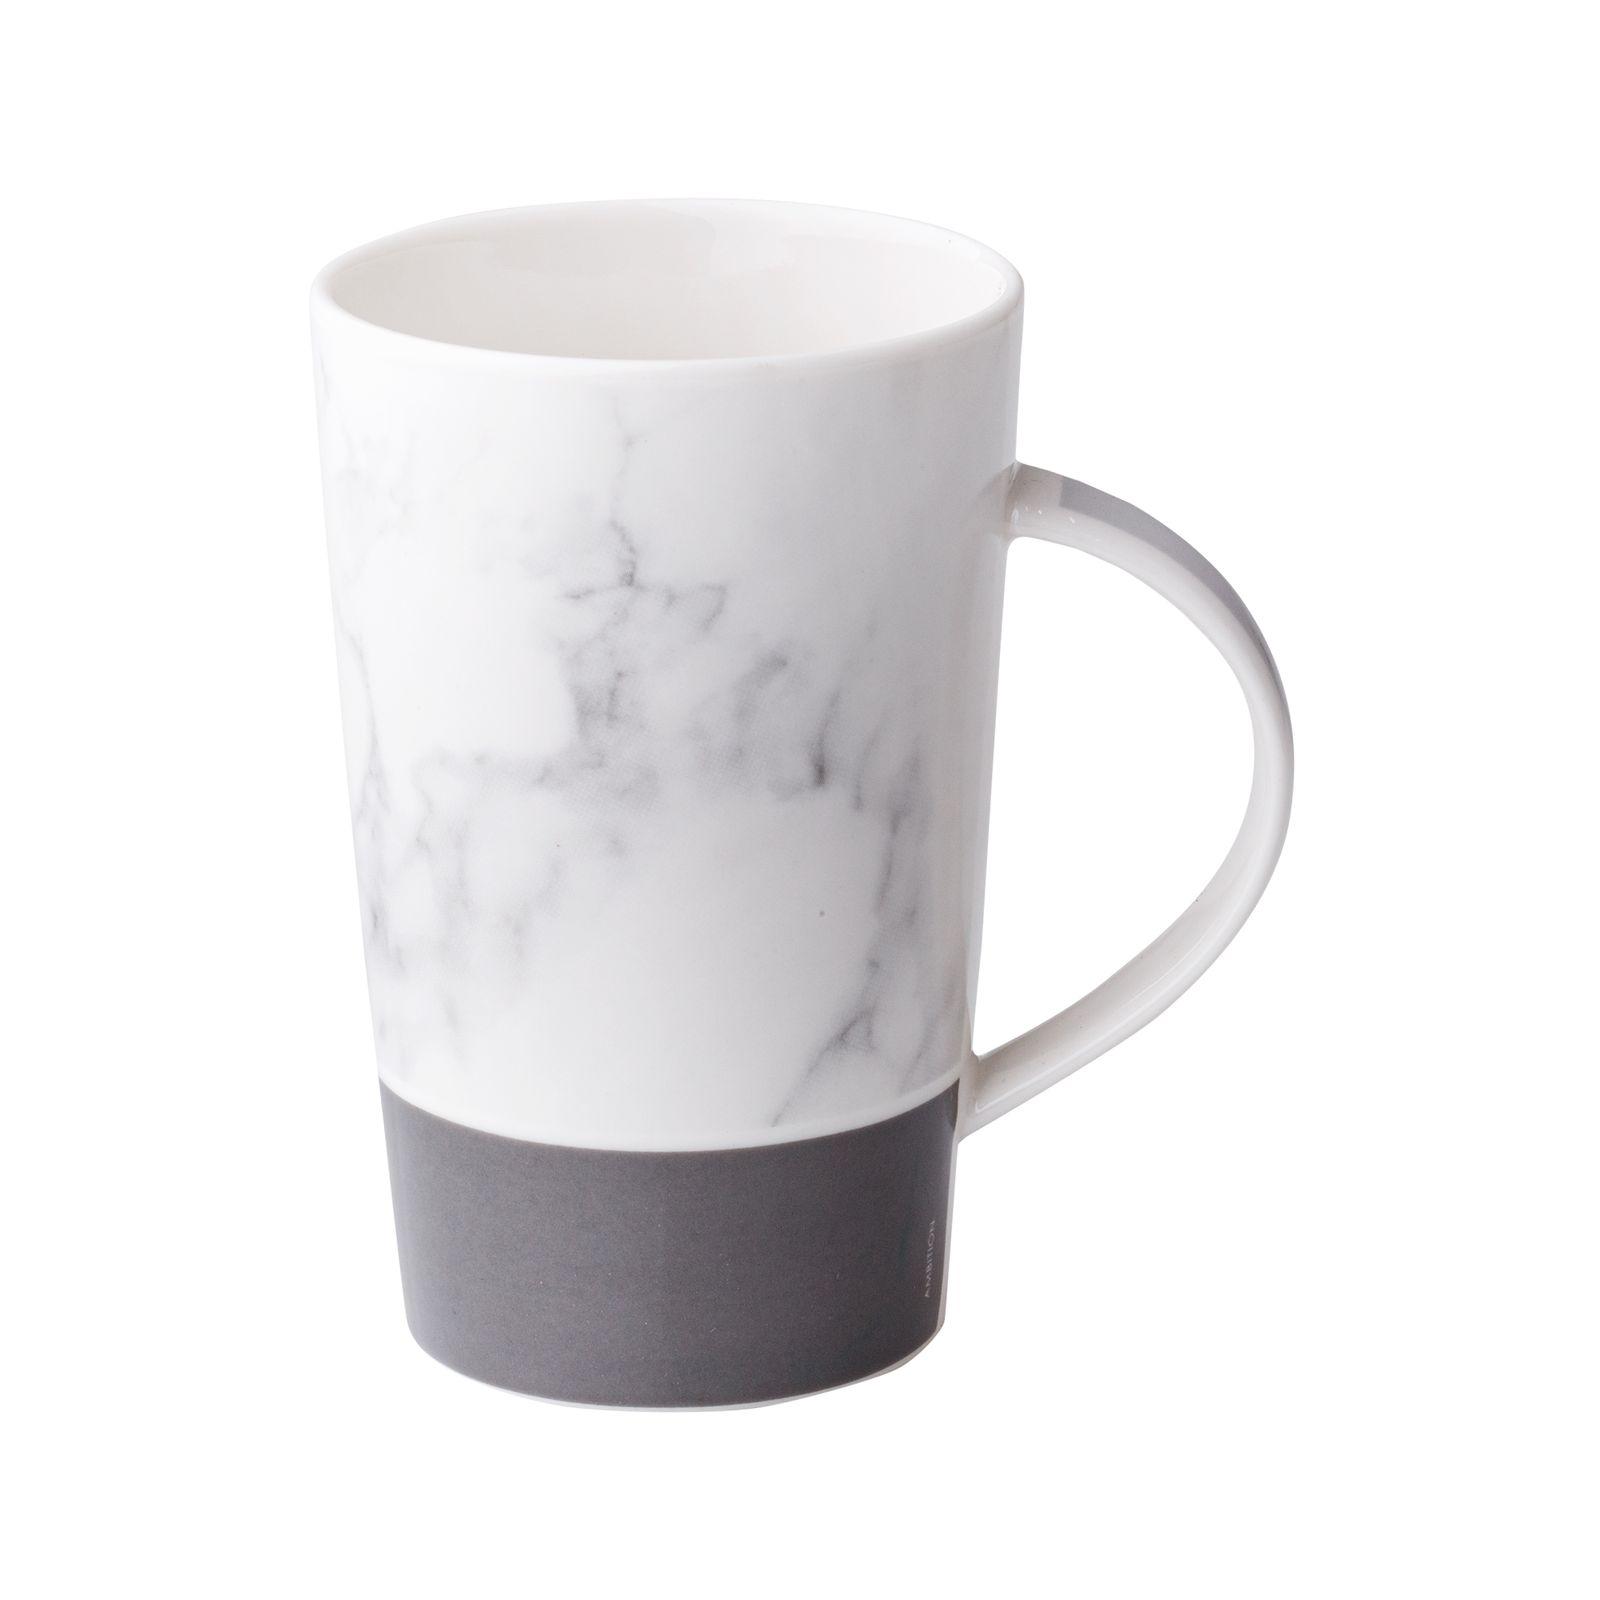 Mug en porcelaine Marble grey 43 cl AMBITION